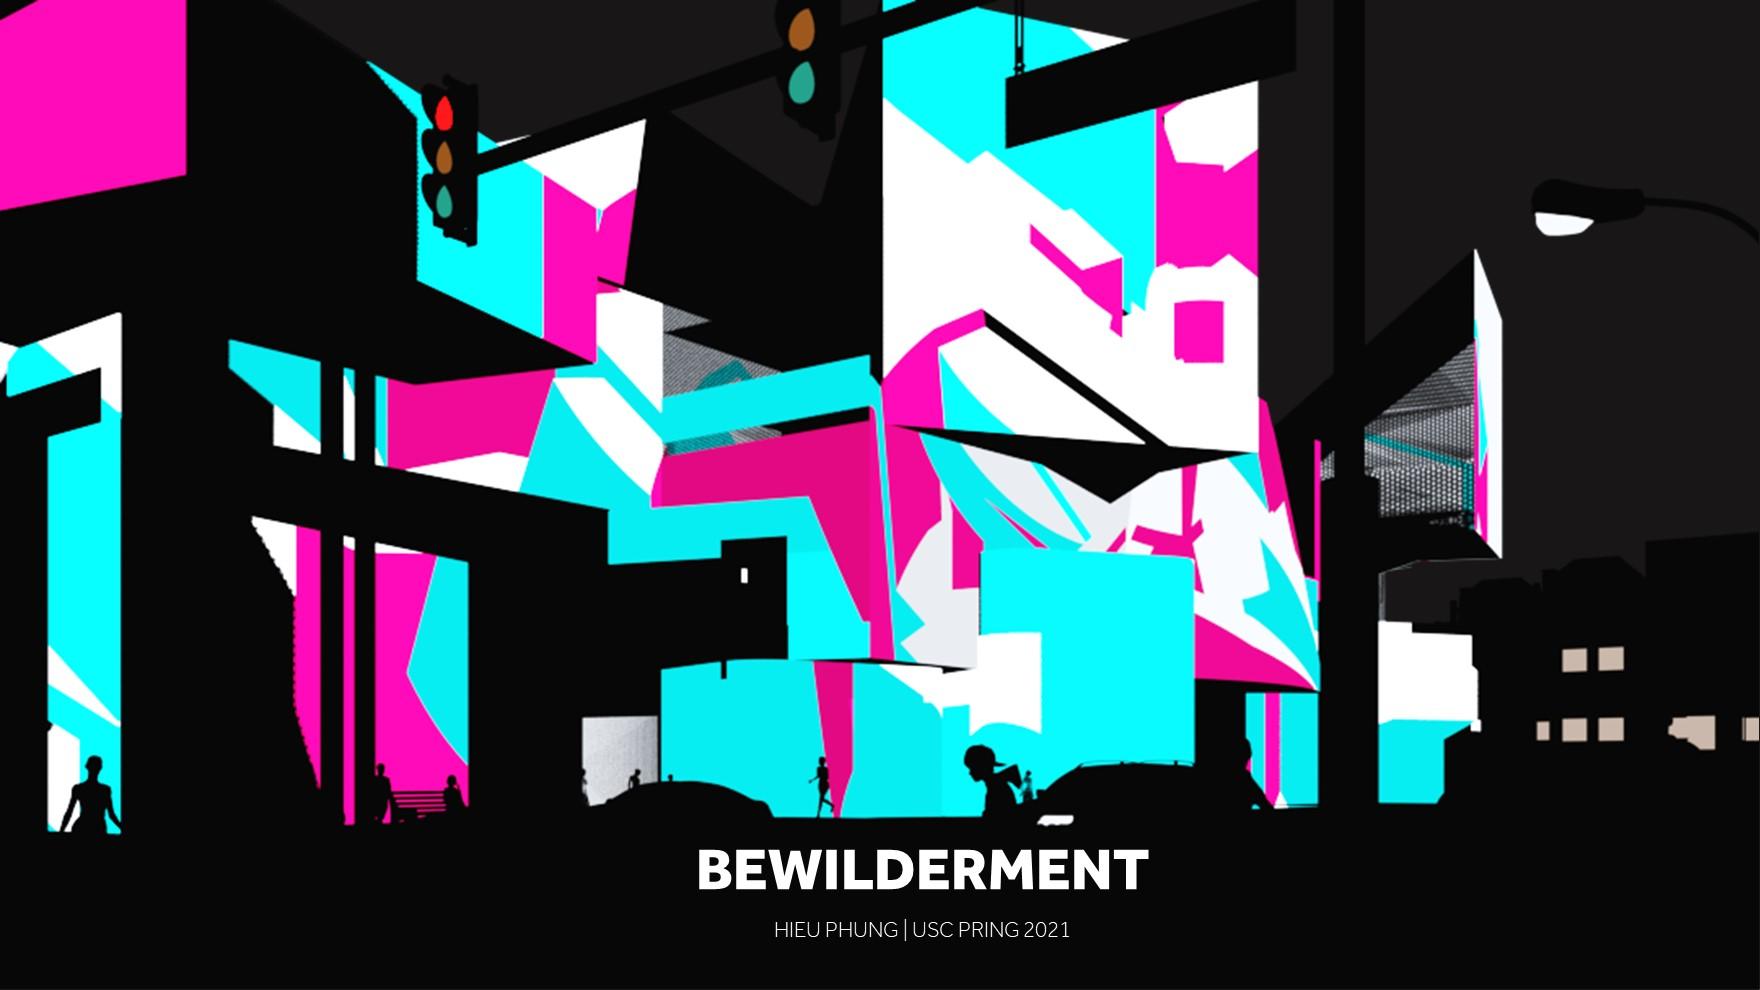 Bewilderment - Hieu Phung, M.Arch '21